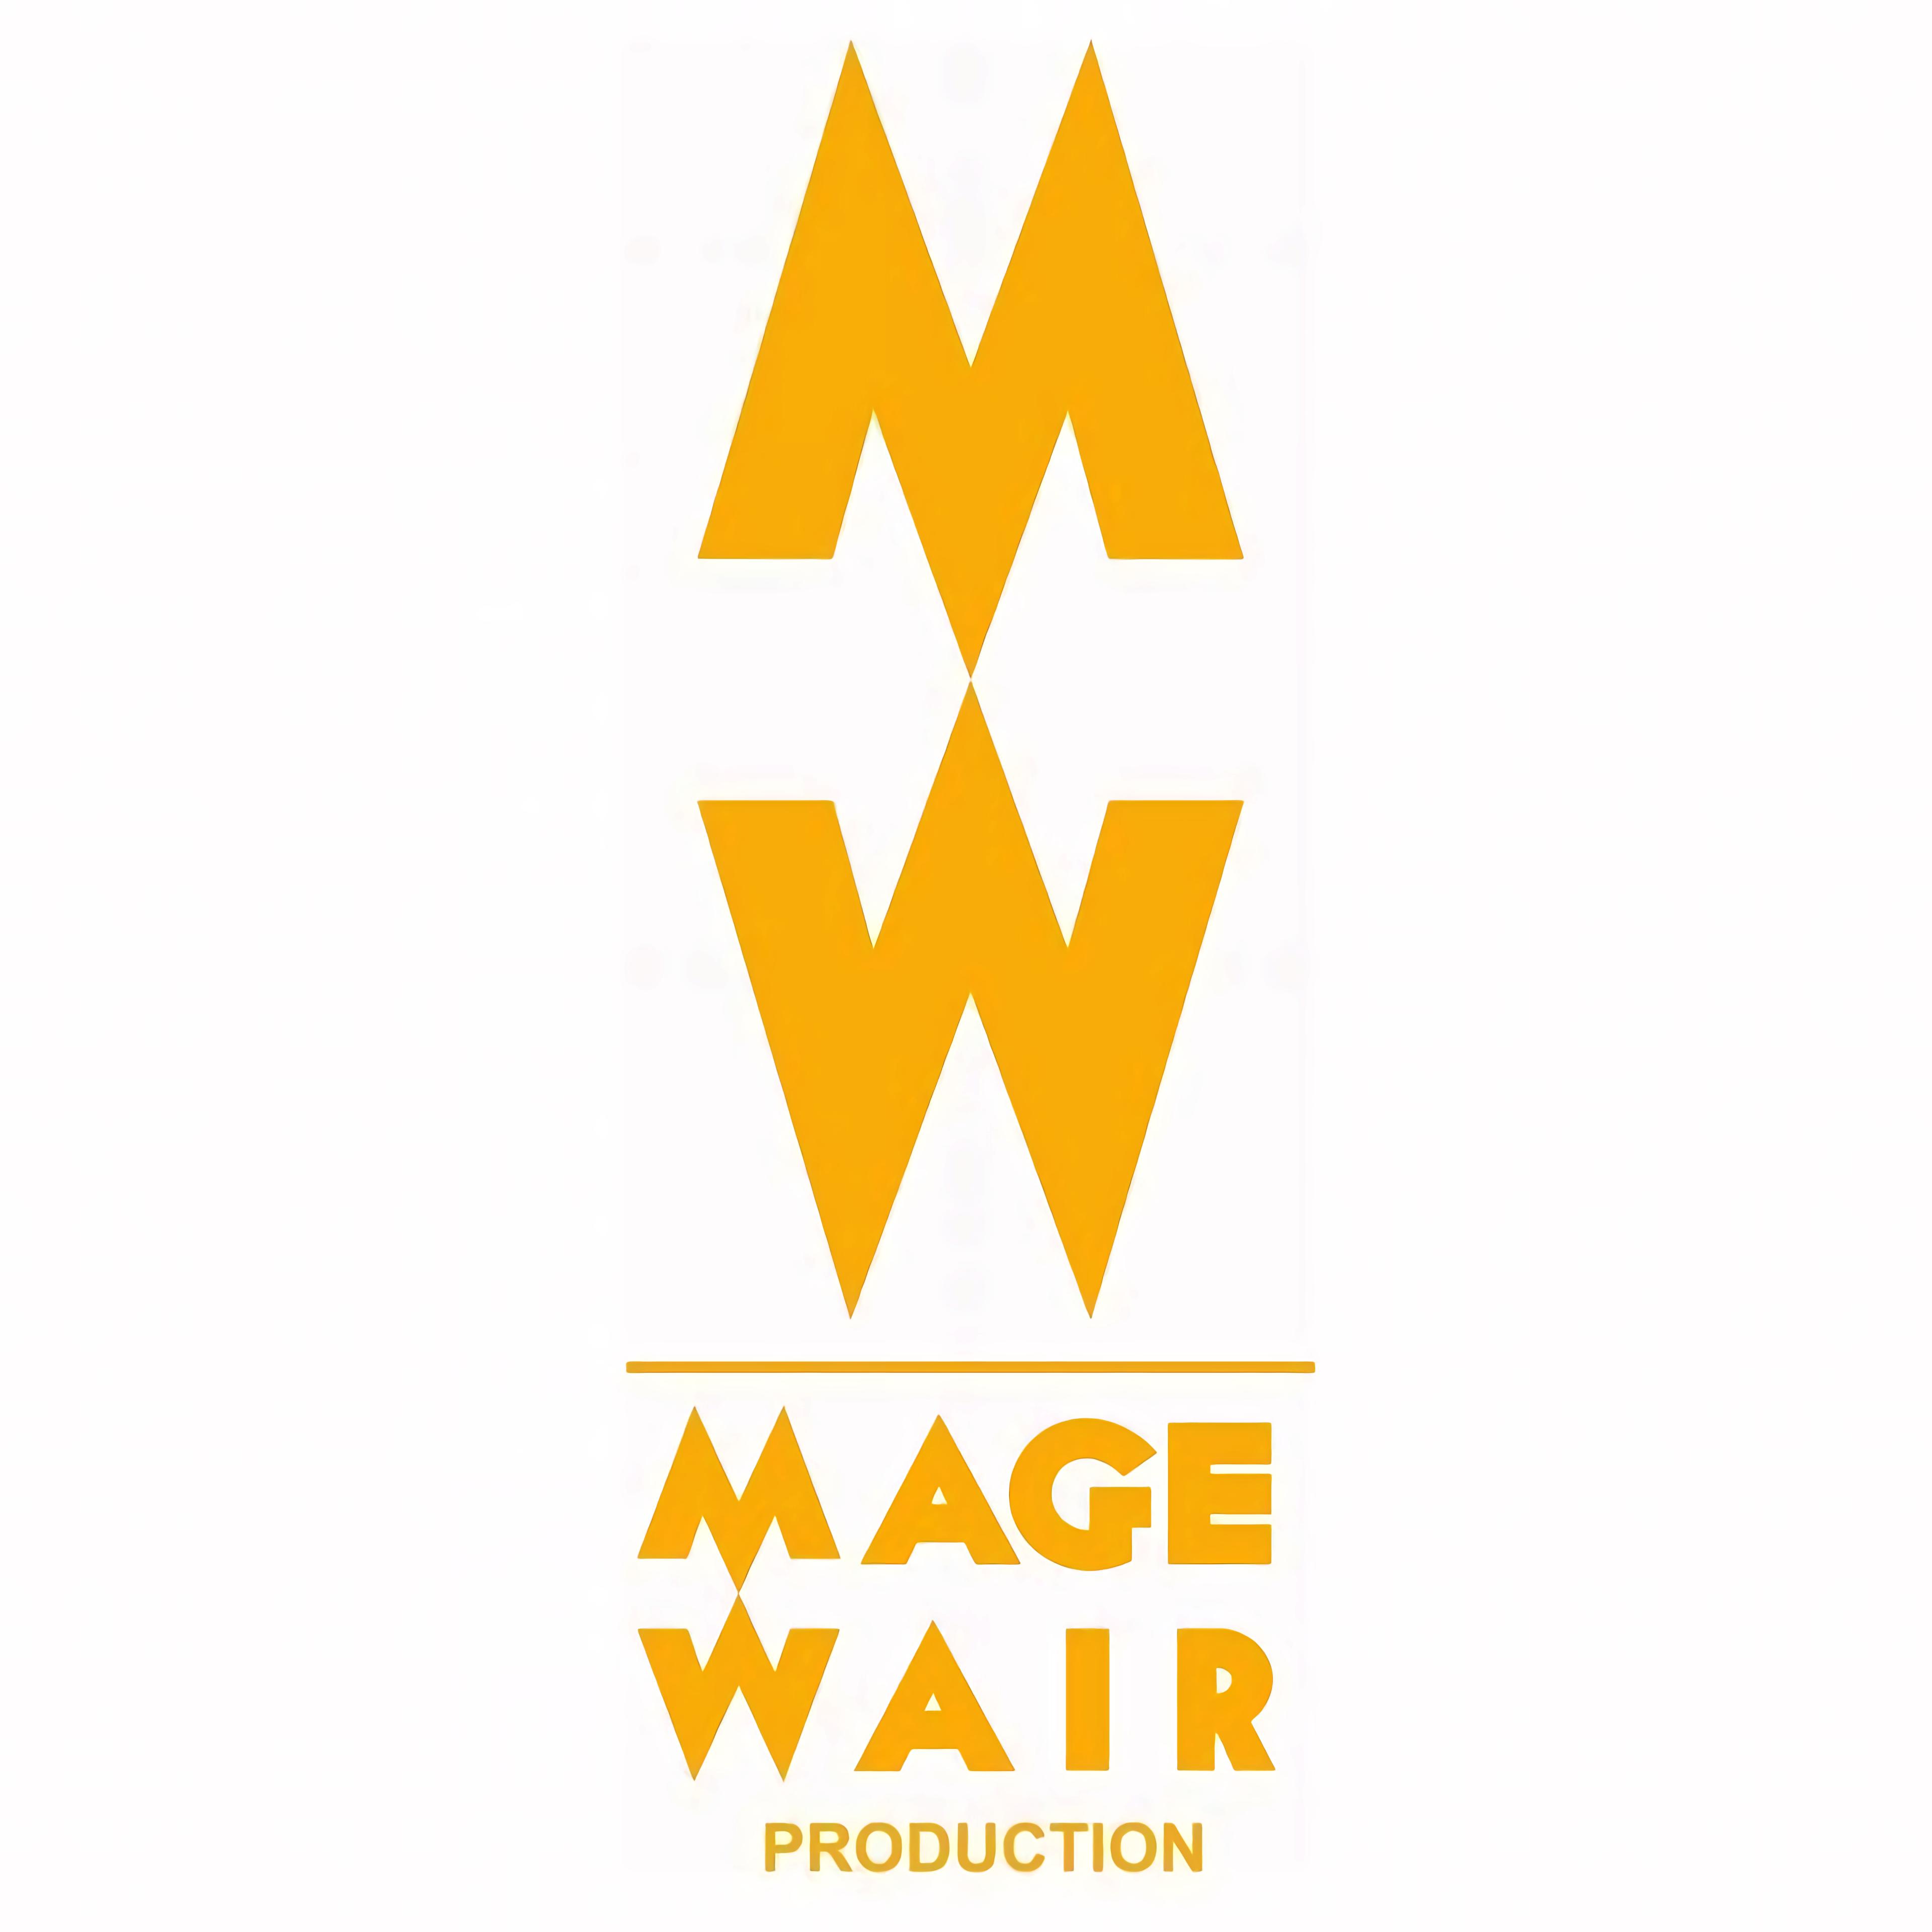 Logo mage wair ok